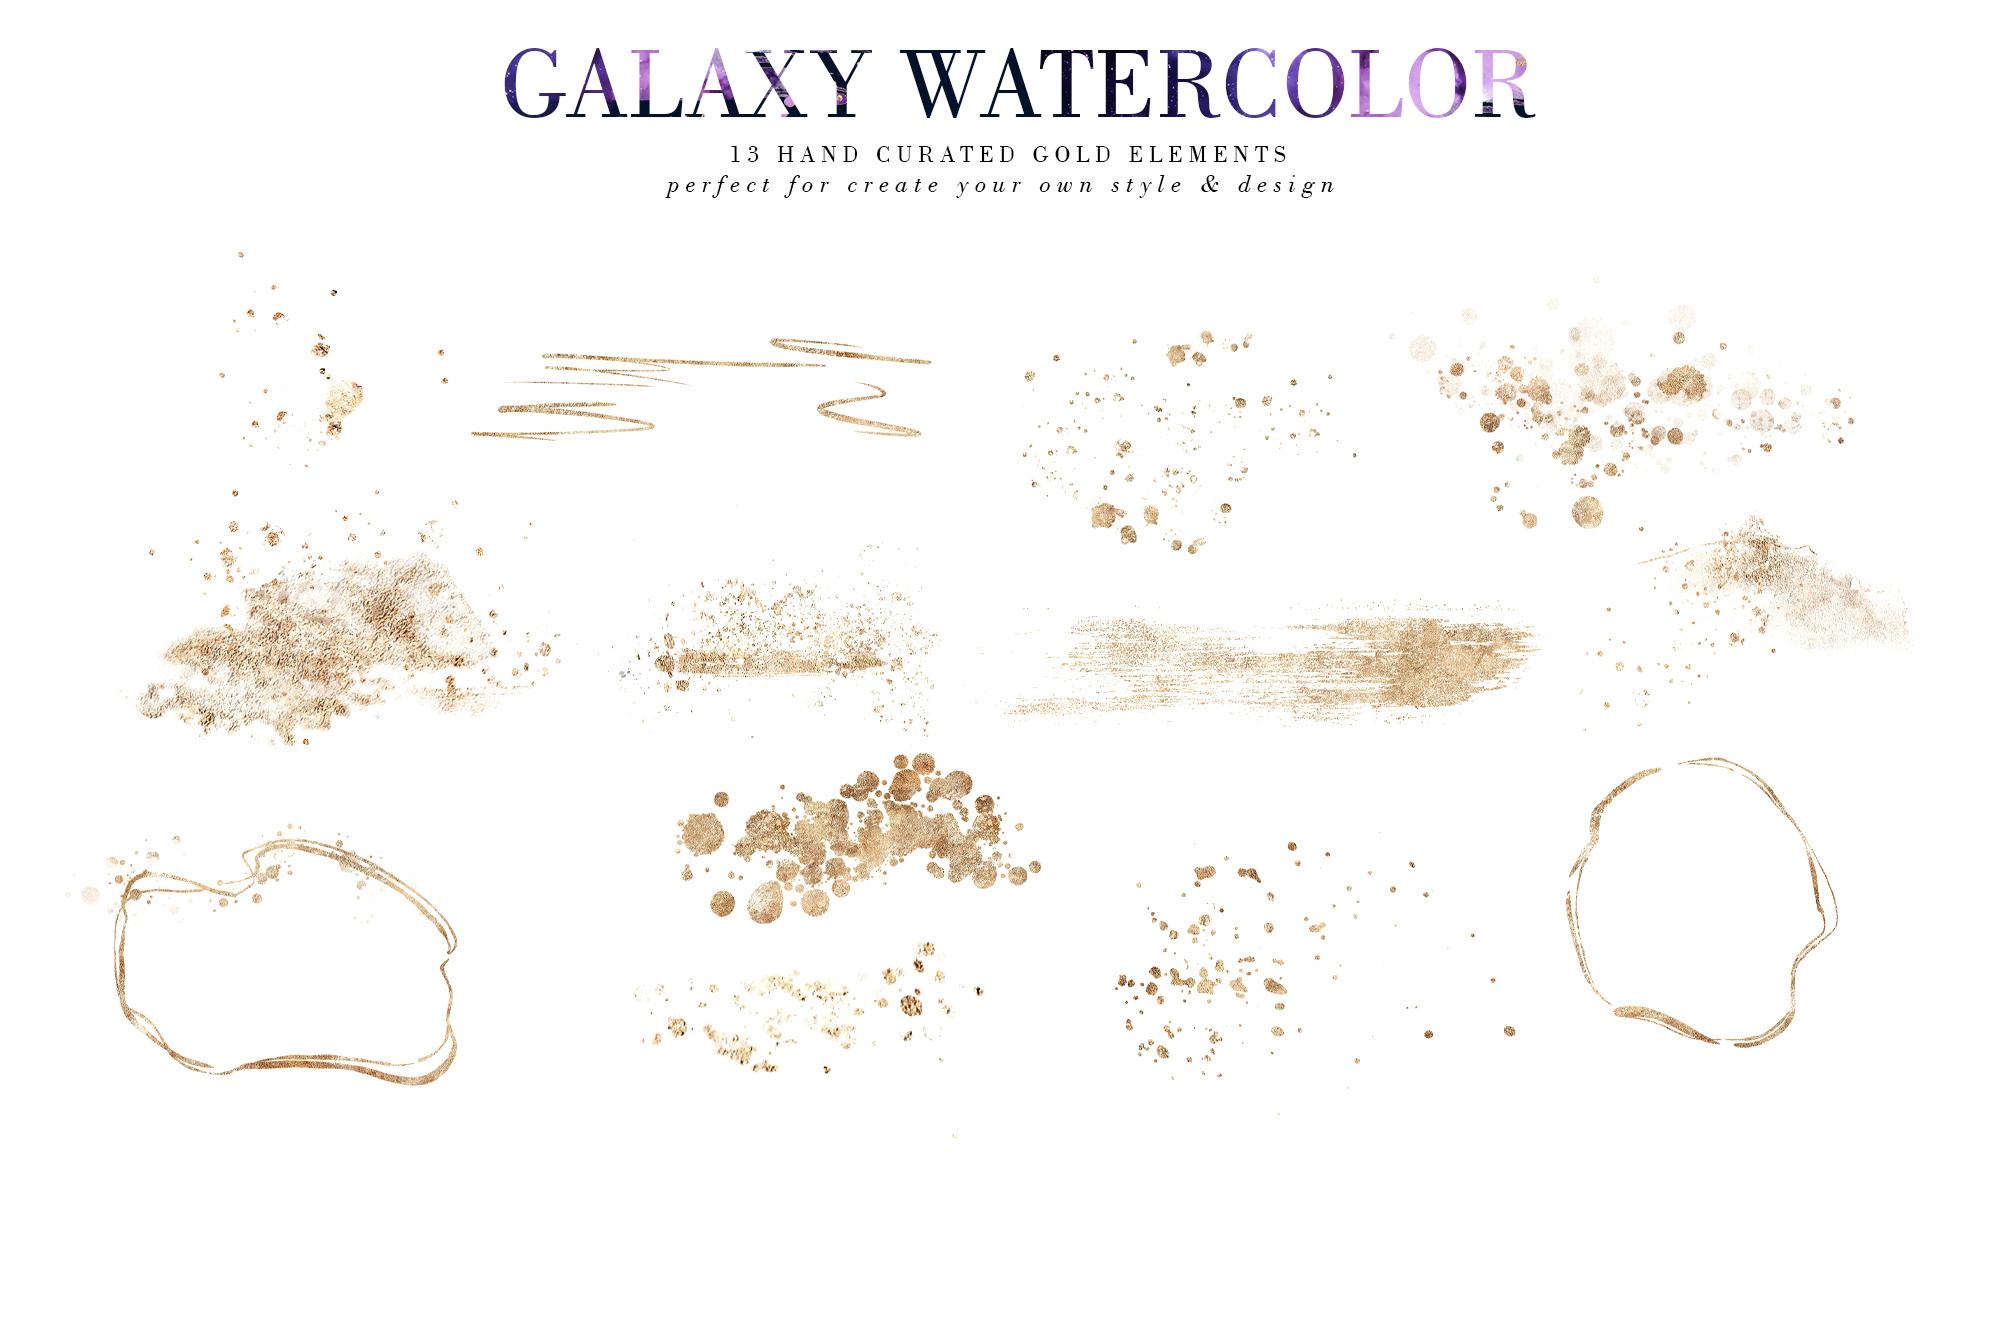 炫彩星云星系宇宙空间水墨背景图片设计素材 Galaxy Watercolor插图3